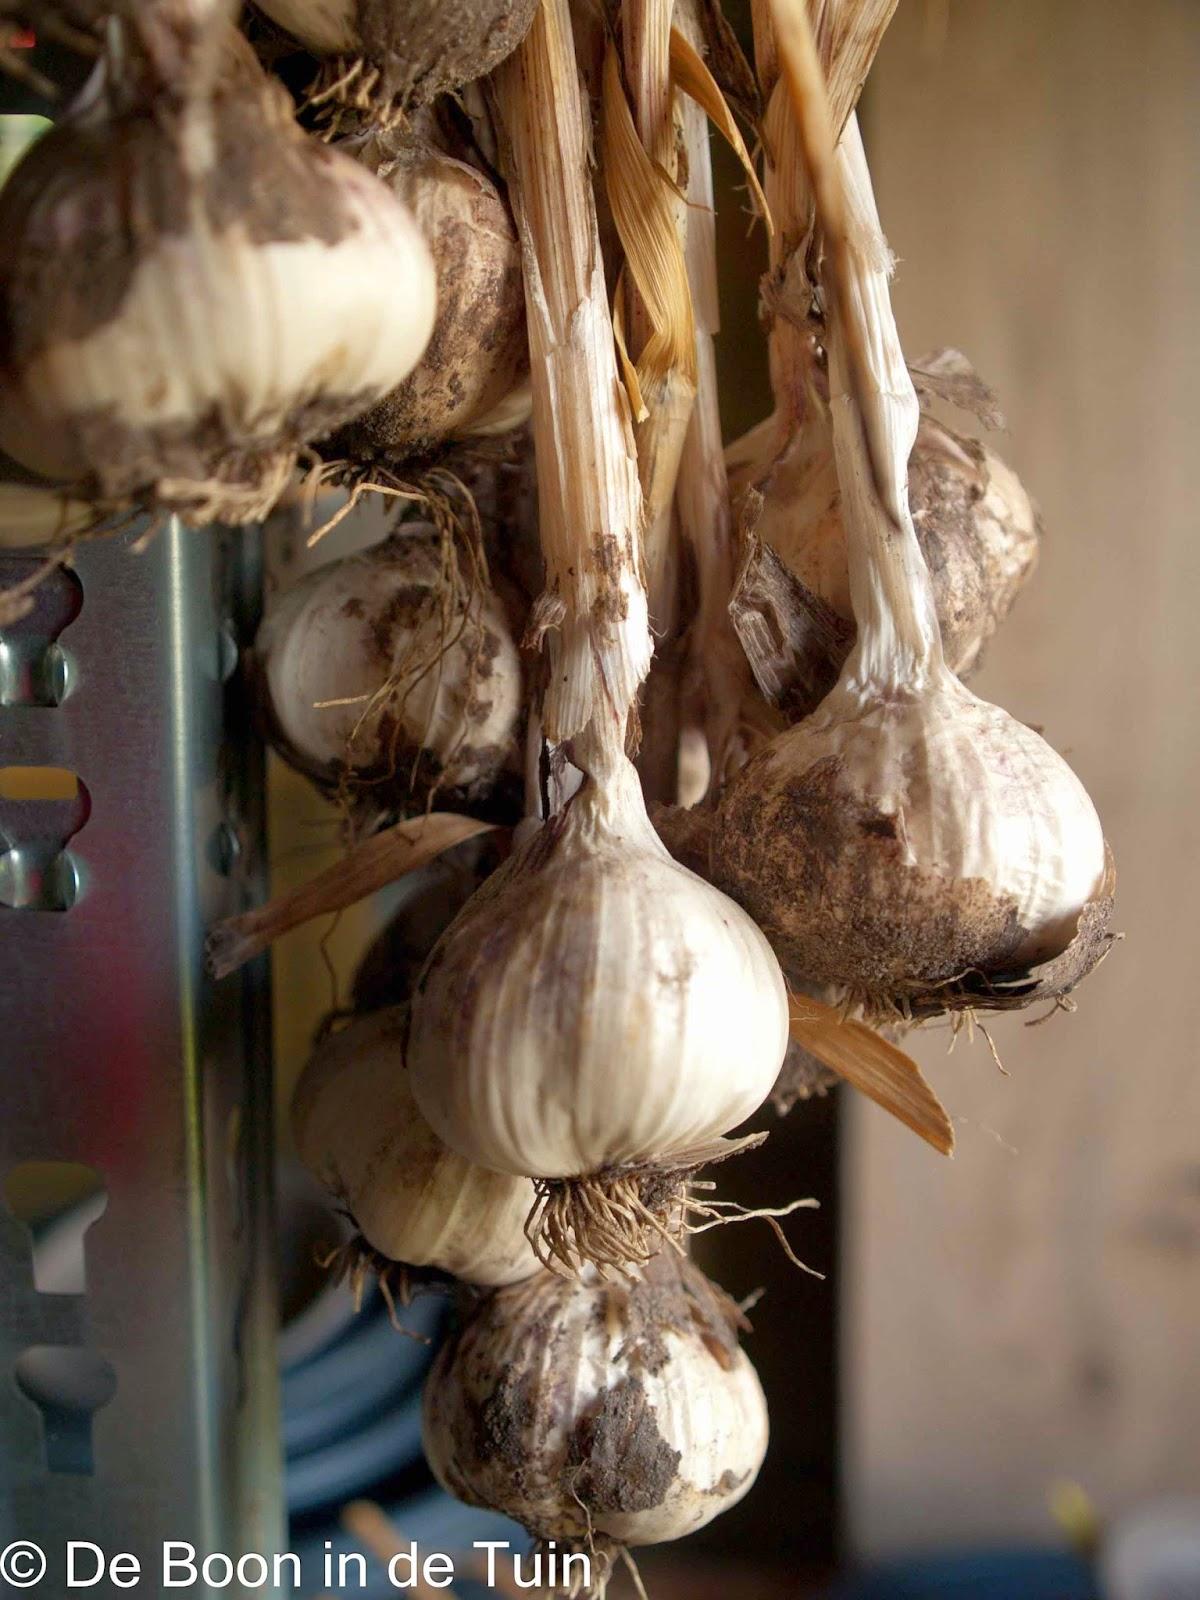 pesto maken,  zelf pesto maken,  basilicum pesto, hoe maak je pesto, zo maak je pesto,  baisilicumpesto, pesto met olijfolie,  pesto met knoflook, snel pesto maken,  makkelijk pesto maken, makkelijke pesto